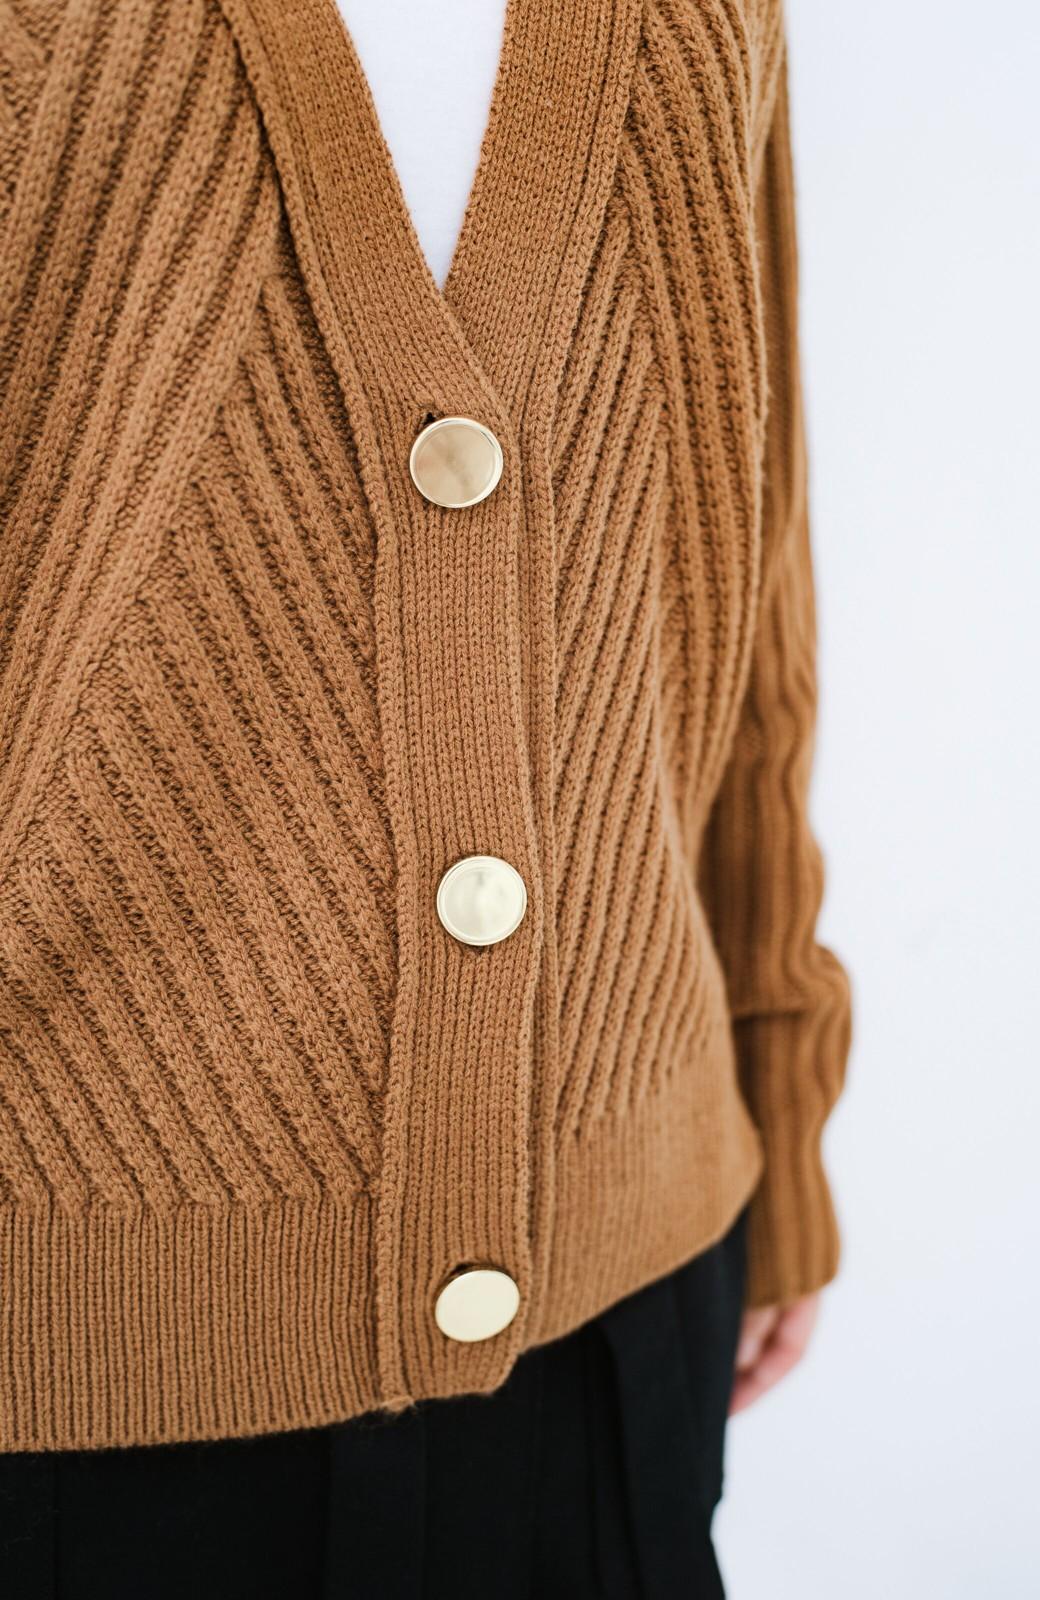 haco! 華が欲しい!というときに便利なゴールドボタン&かわり編みニットカーディガン <ブラウン>の商品写真4